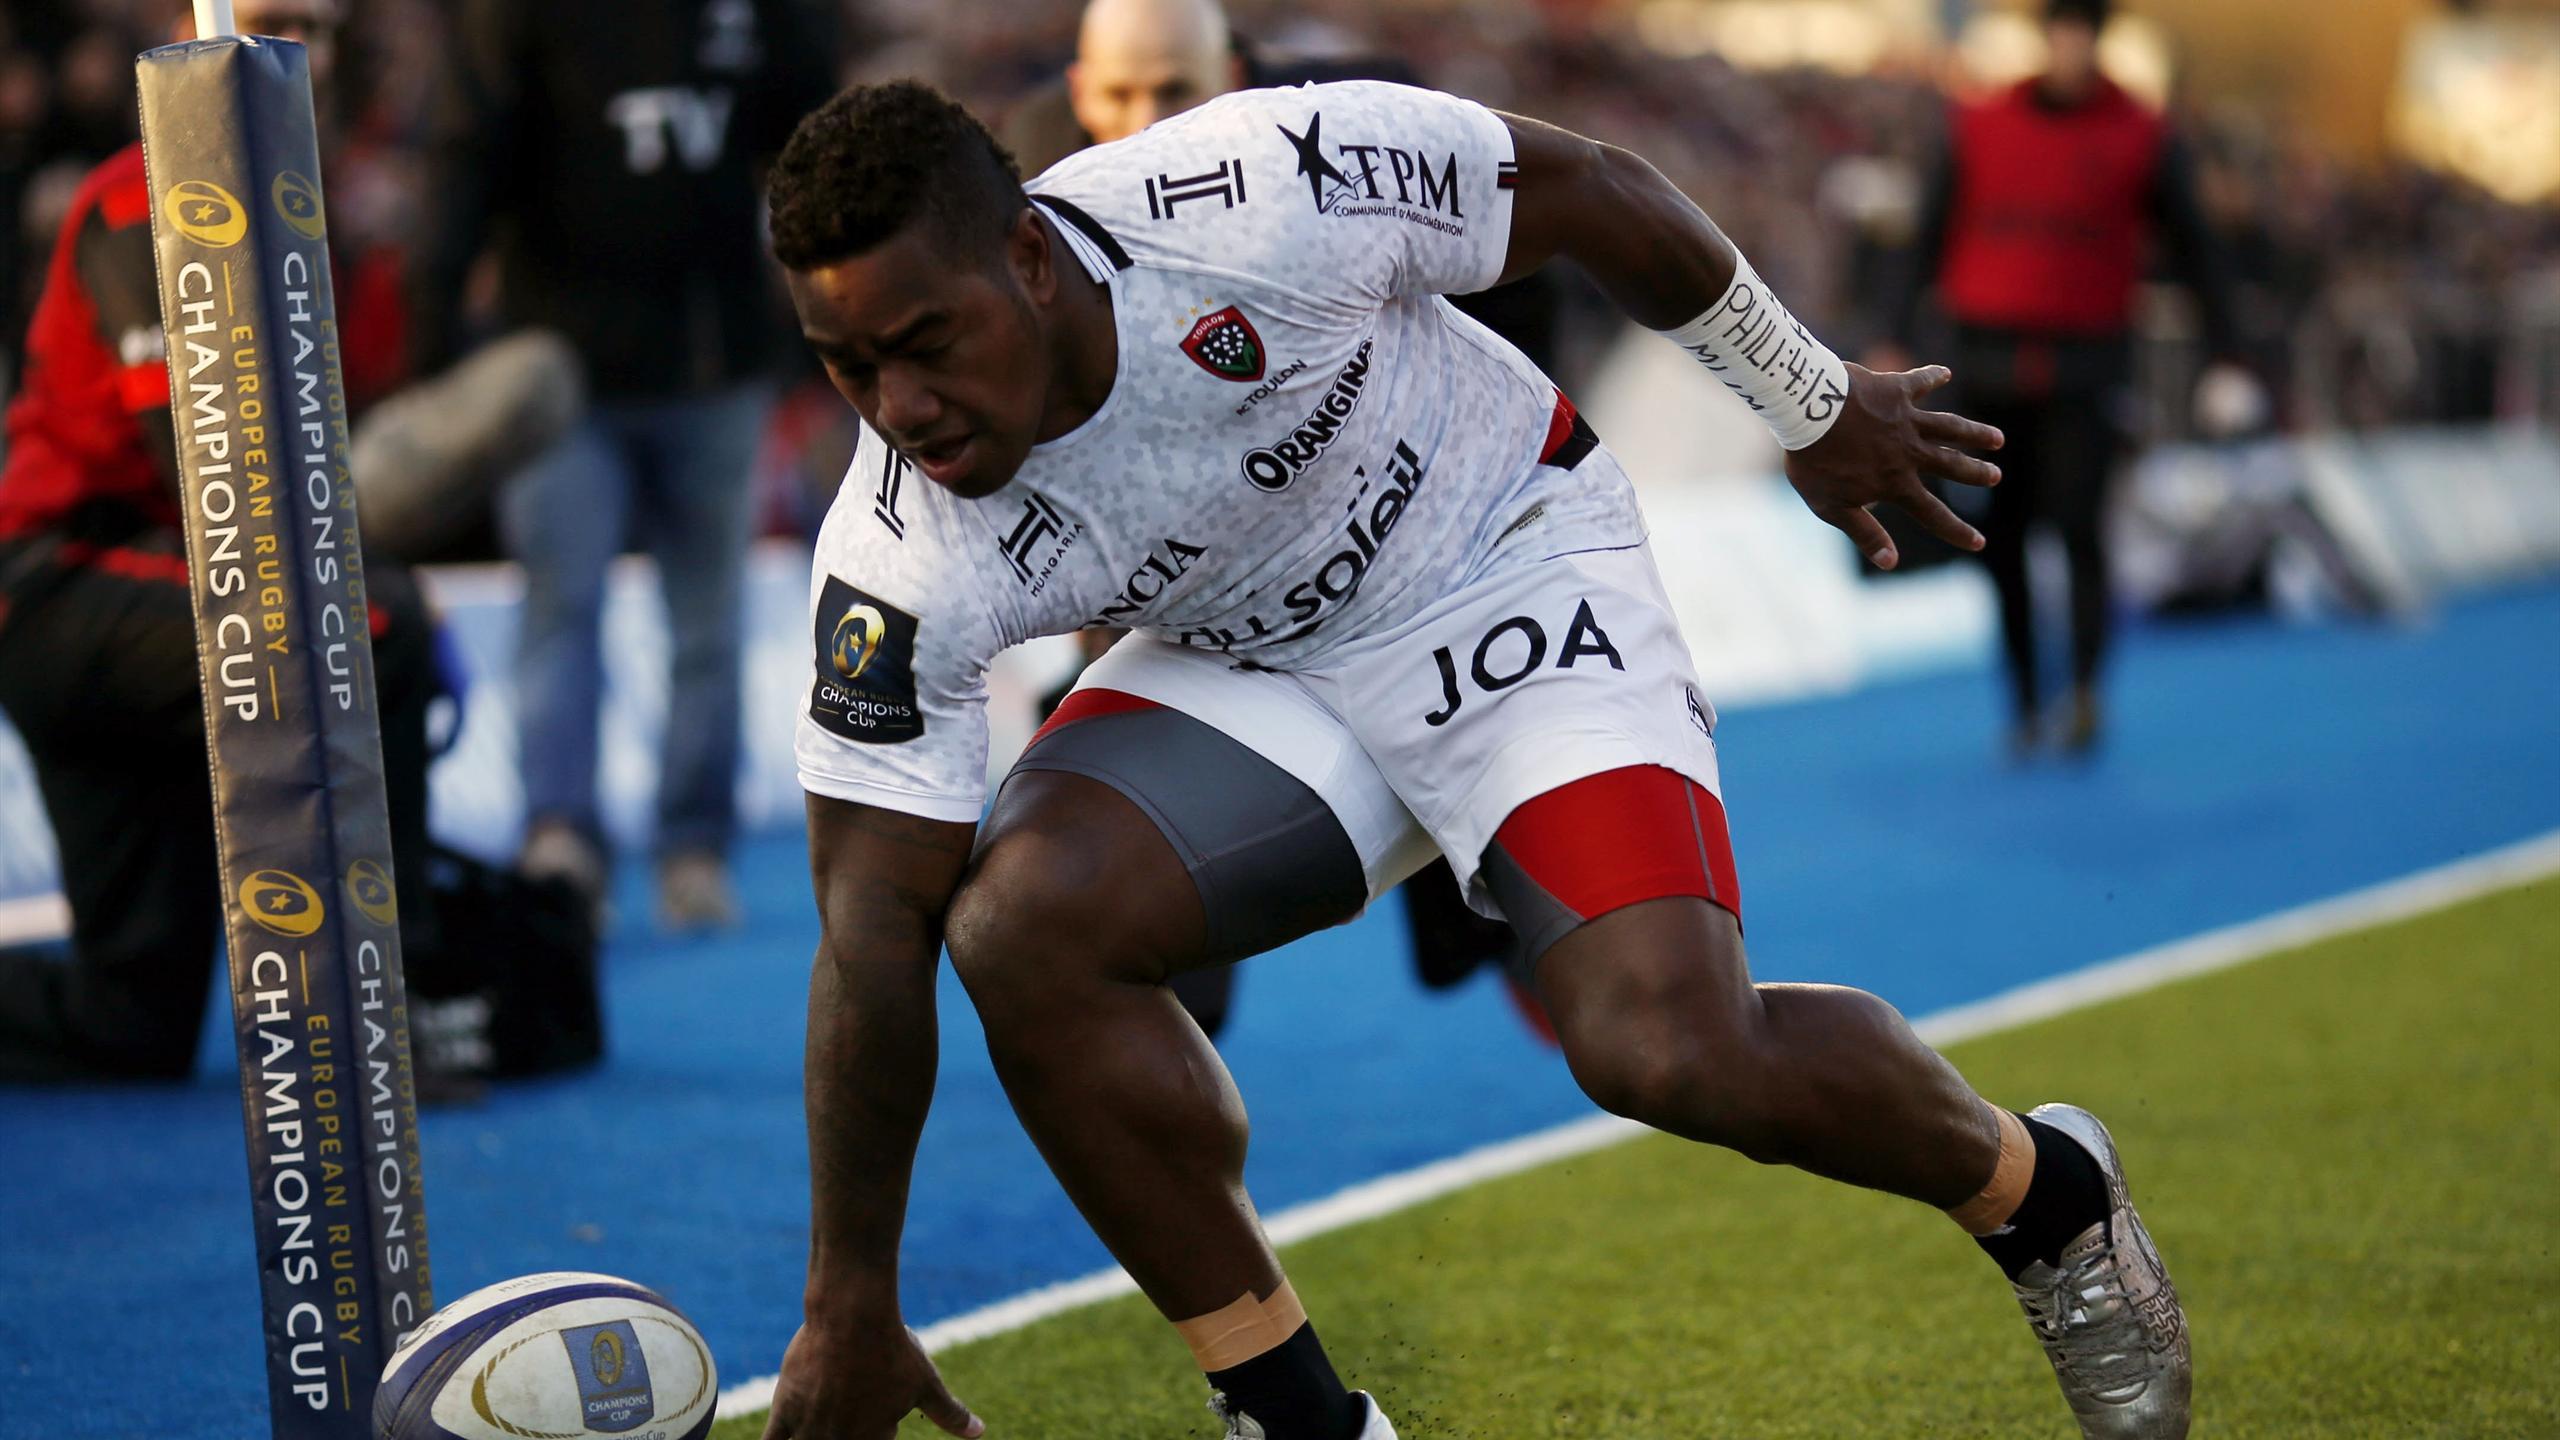 Josua Tuisova (Toulon) échappe le ballon dans l'en-but face aux Saracens - 21 janvier 2017